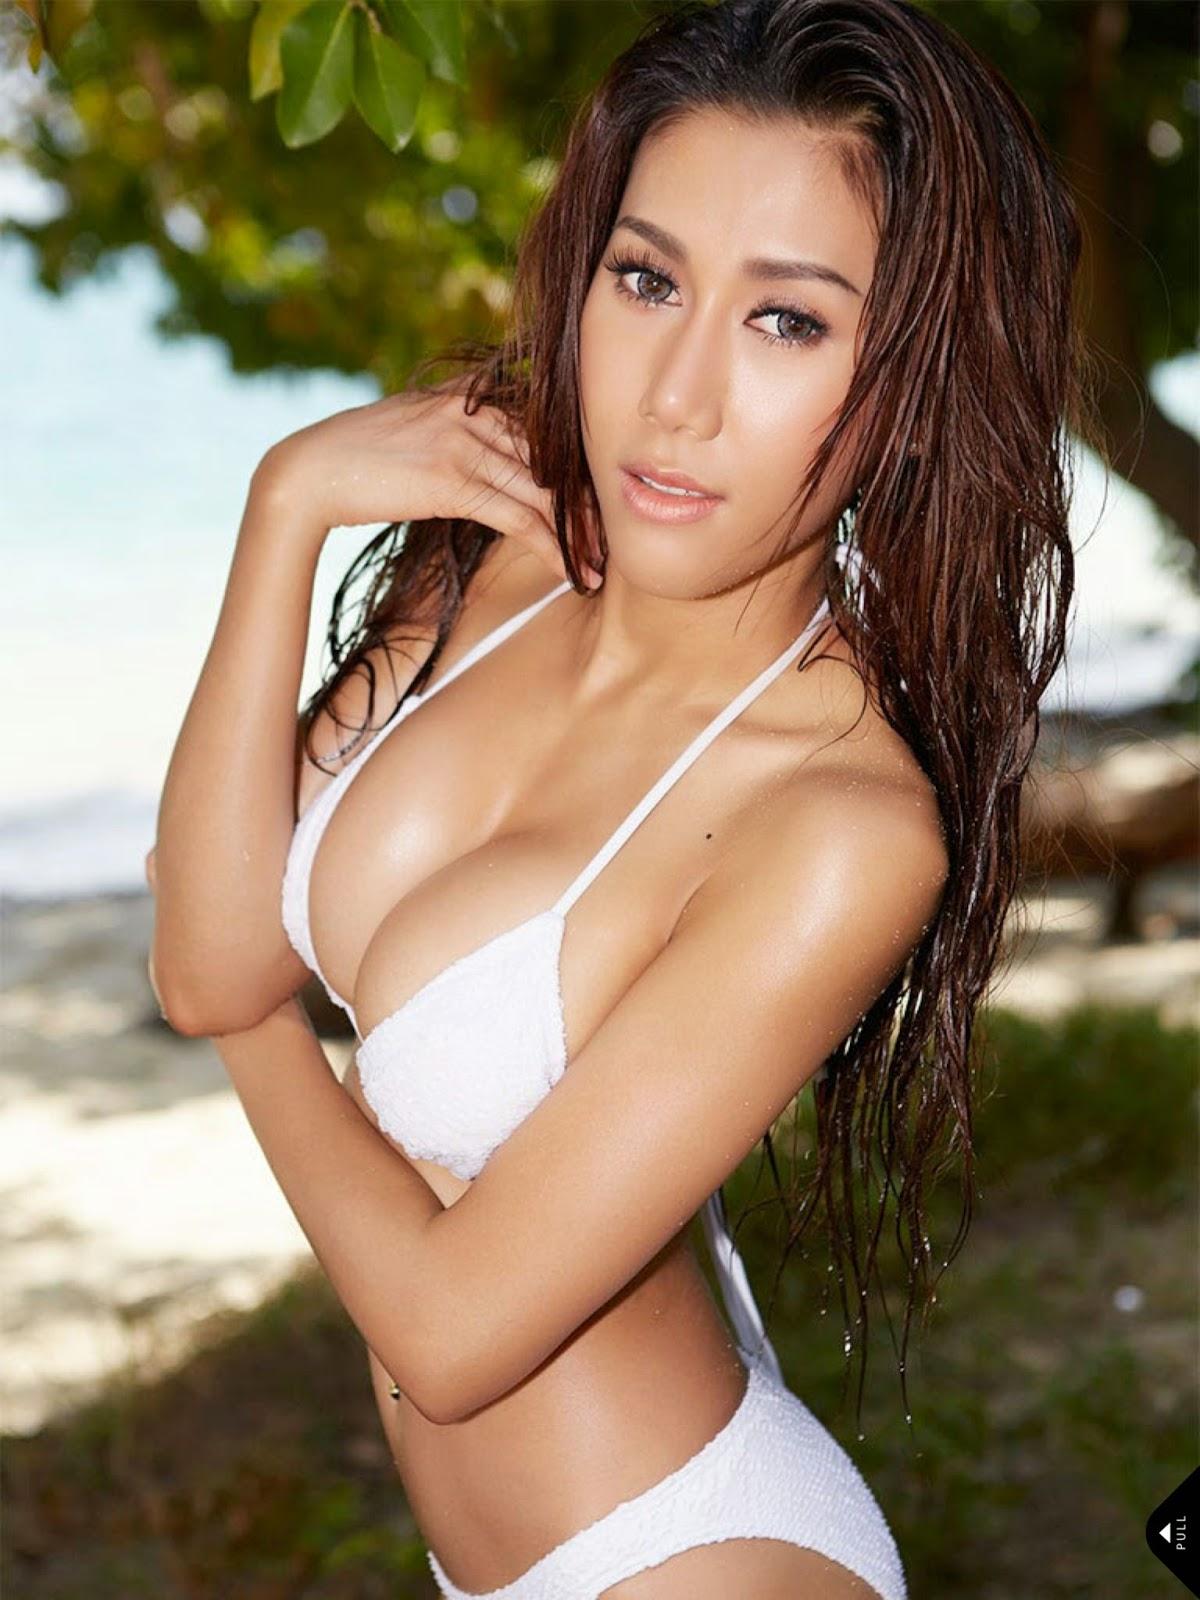 CM-Playboy Thailand-Playboy's Bunny Photobook GeGe 2014